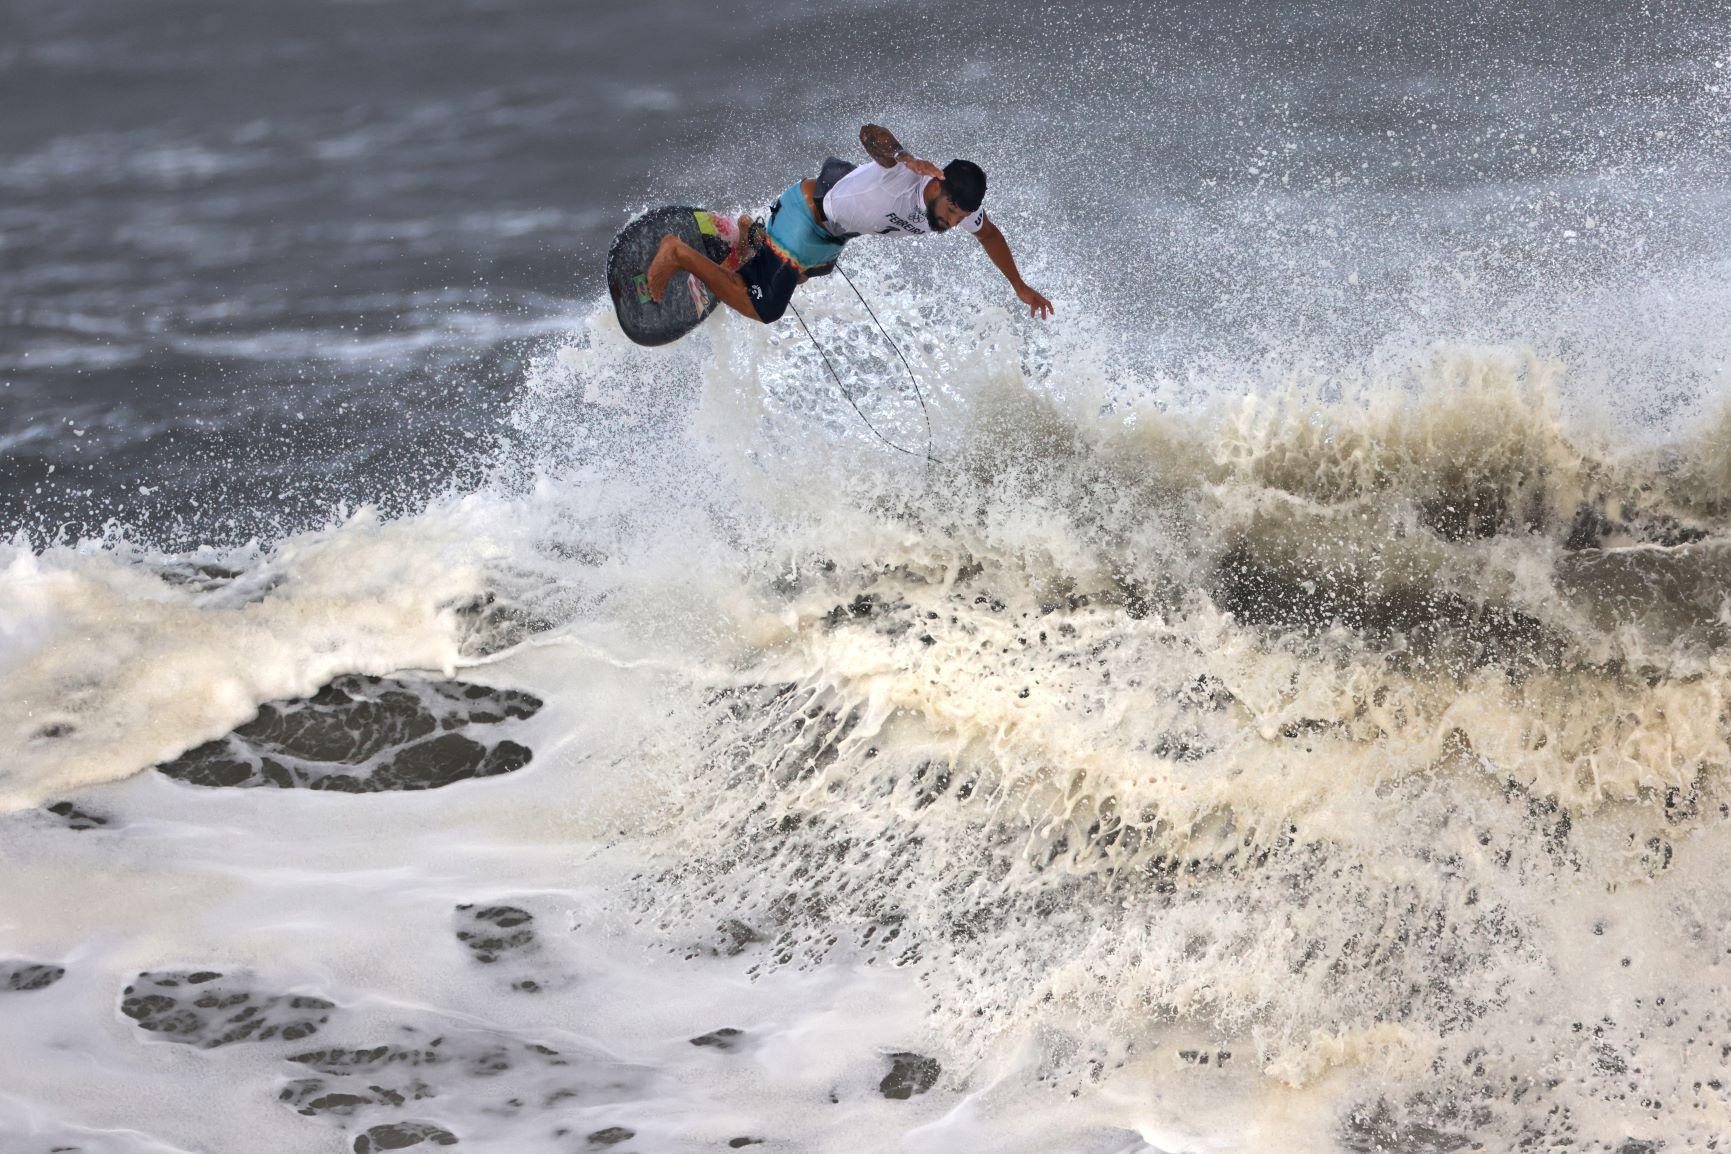 Ítalo Ferreira em manobra para se tornar o primeiro campeão olímpico do surfe: esporte faz parte de estratégia para atrair público mais jovem para os Jogos Olímpicos (Foto: Yuki Iwamura / AFP - 27/07/2021)